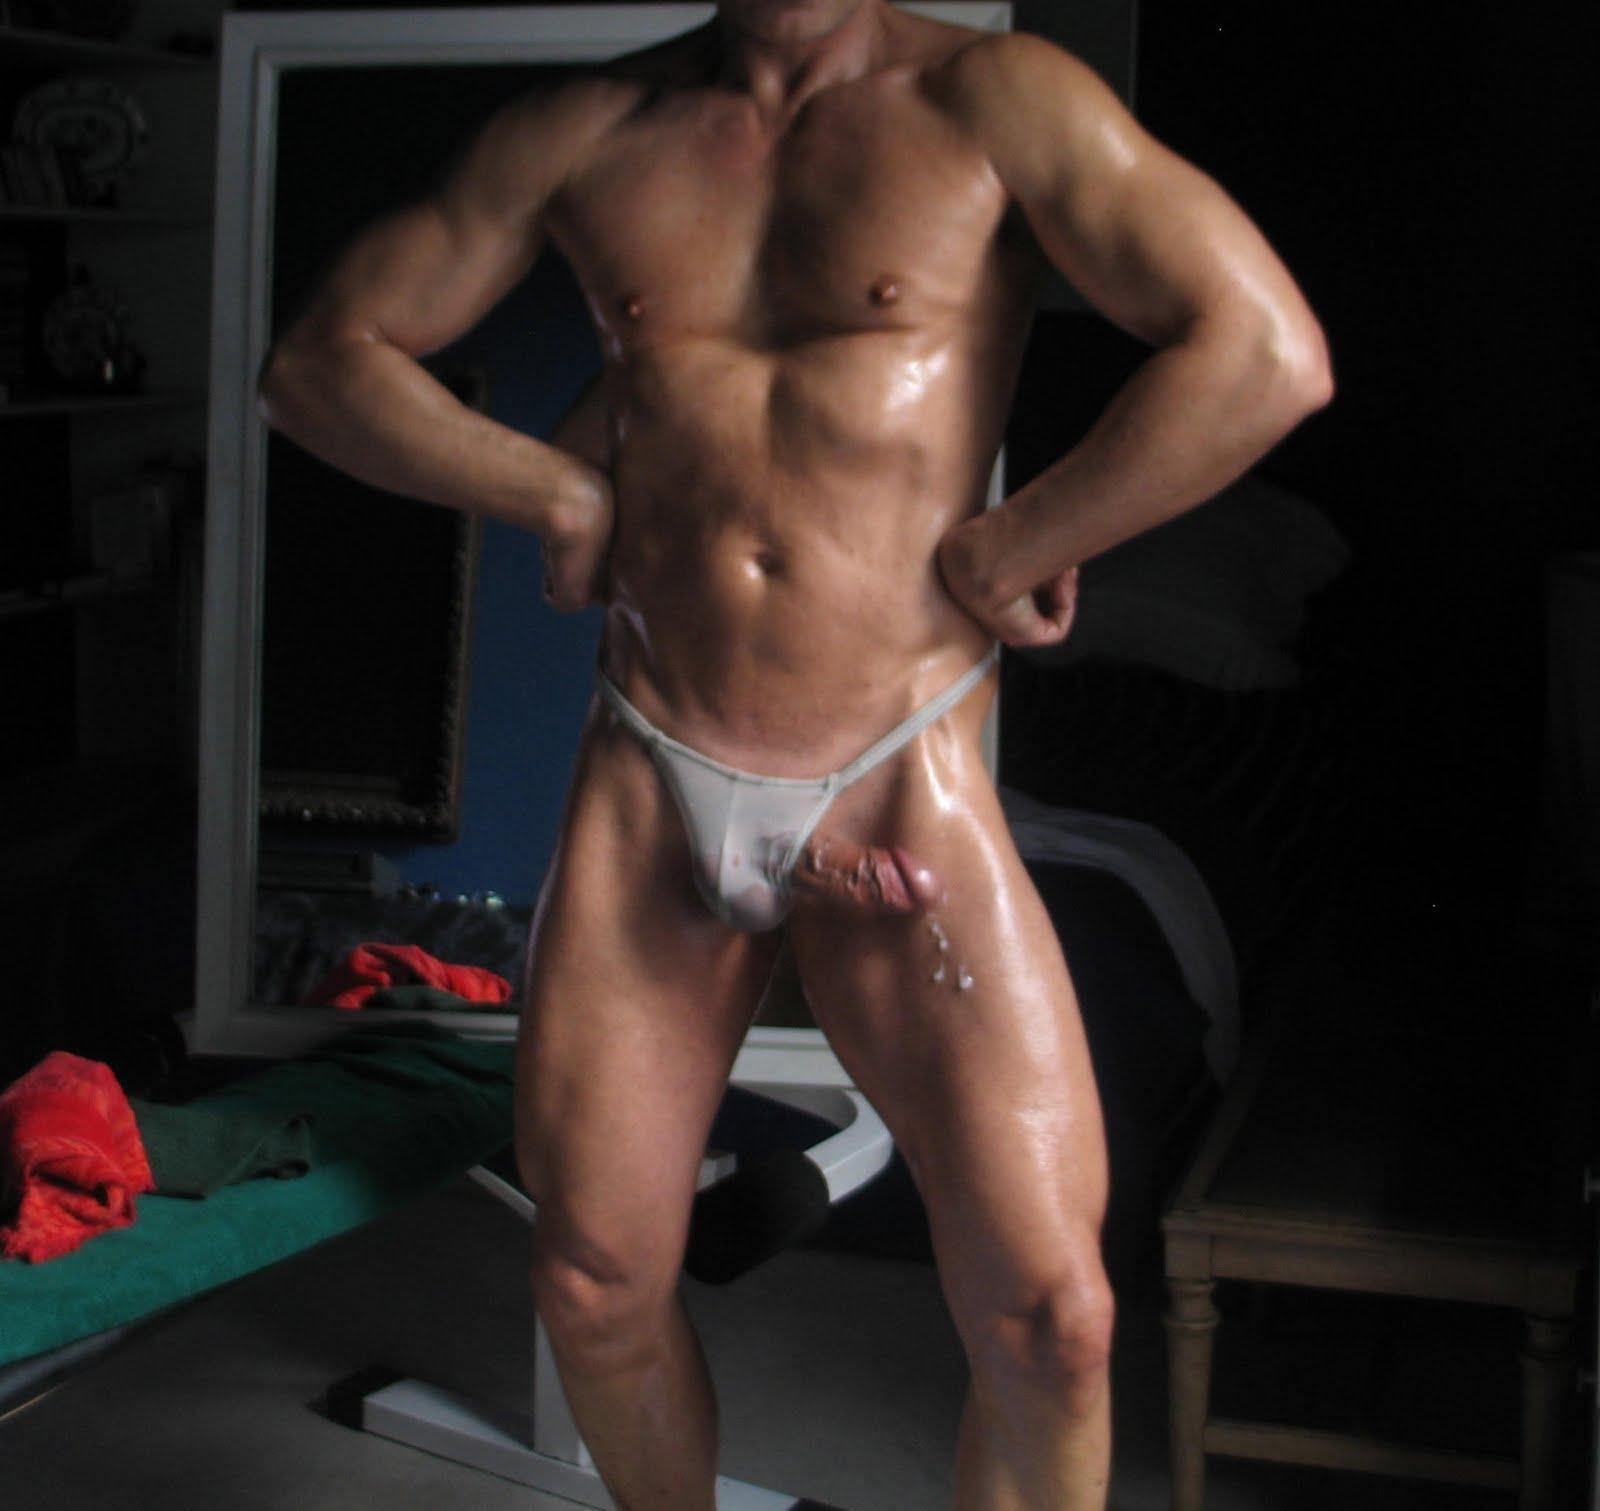 men gay Hot naked